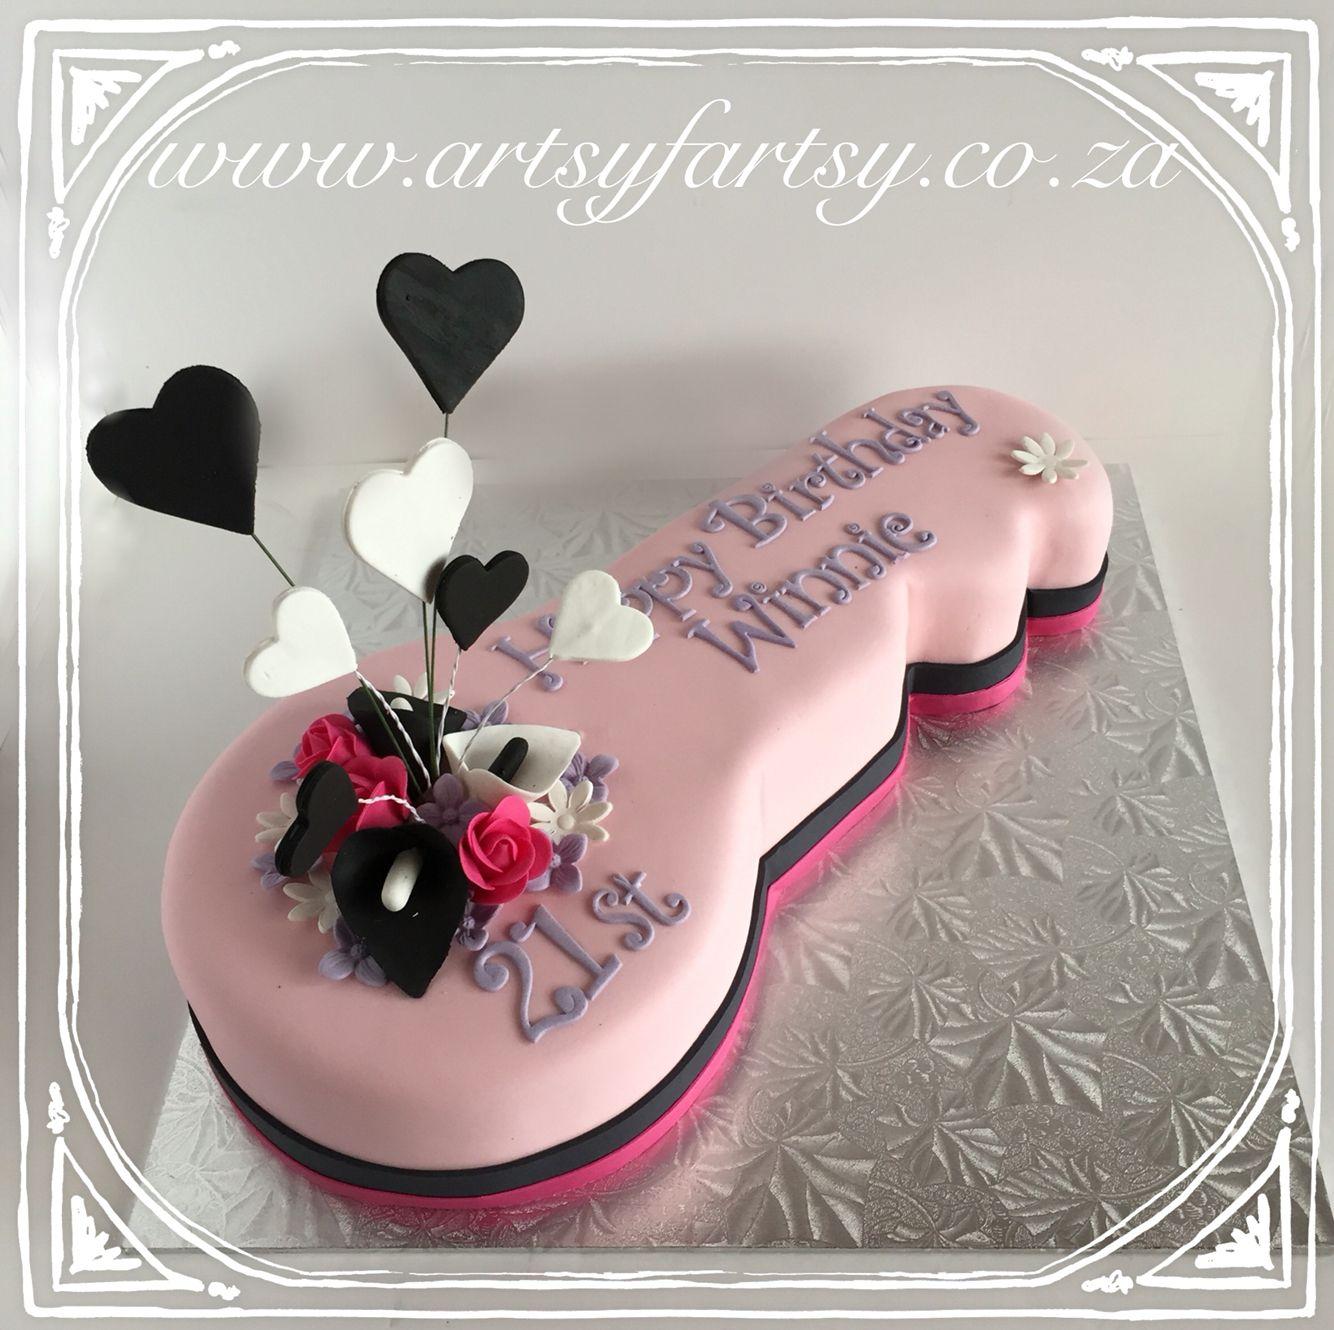 21st Birthday Key Cake 21stbirthdaykeycake 21st